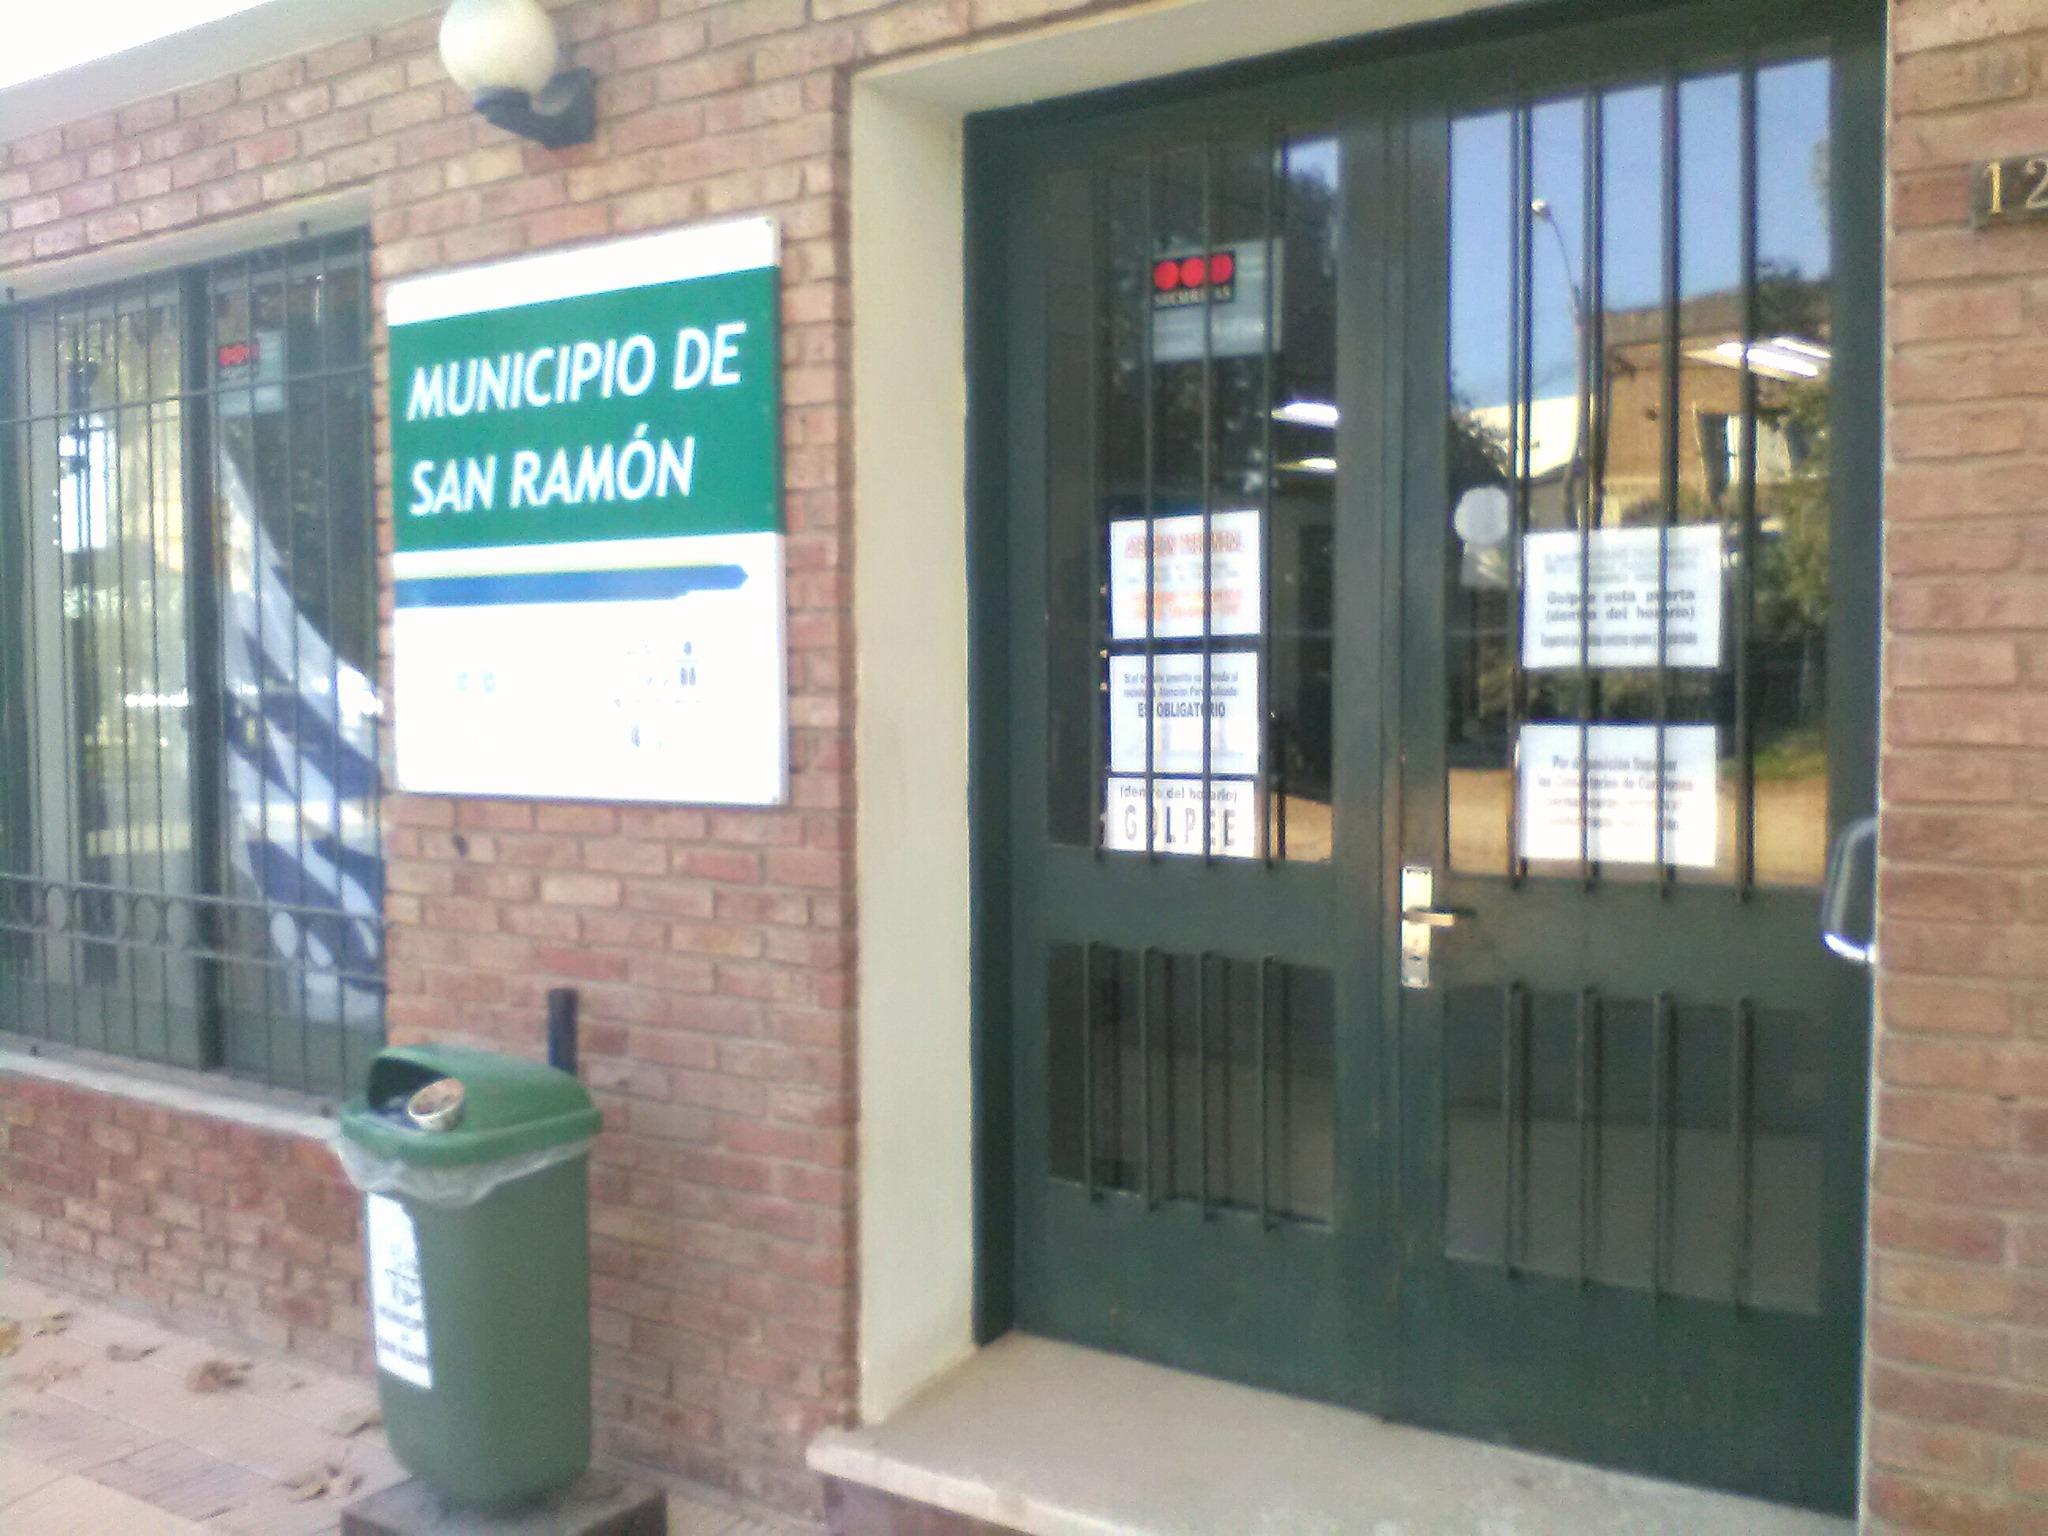 LOCAL DEL MUNICIPIO SAN RAMON